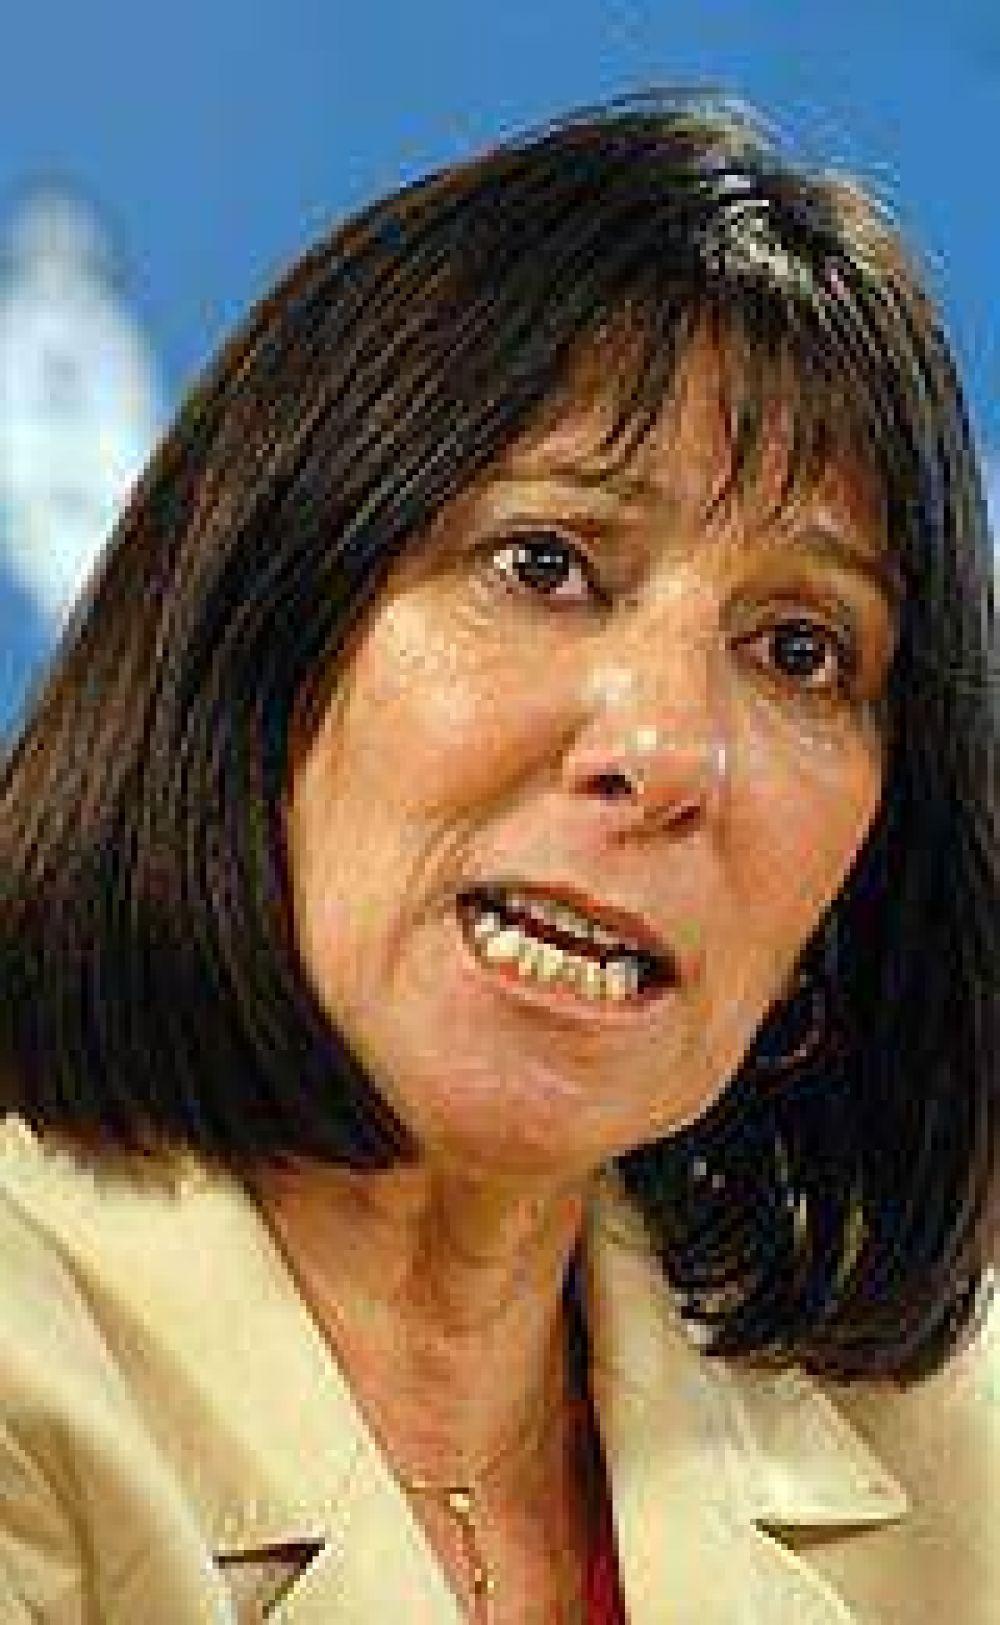 La Justicia favoreció a la ex ministra Miceli en el caso Greco